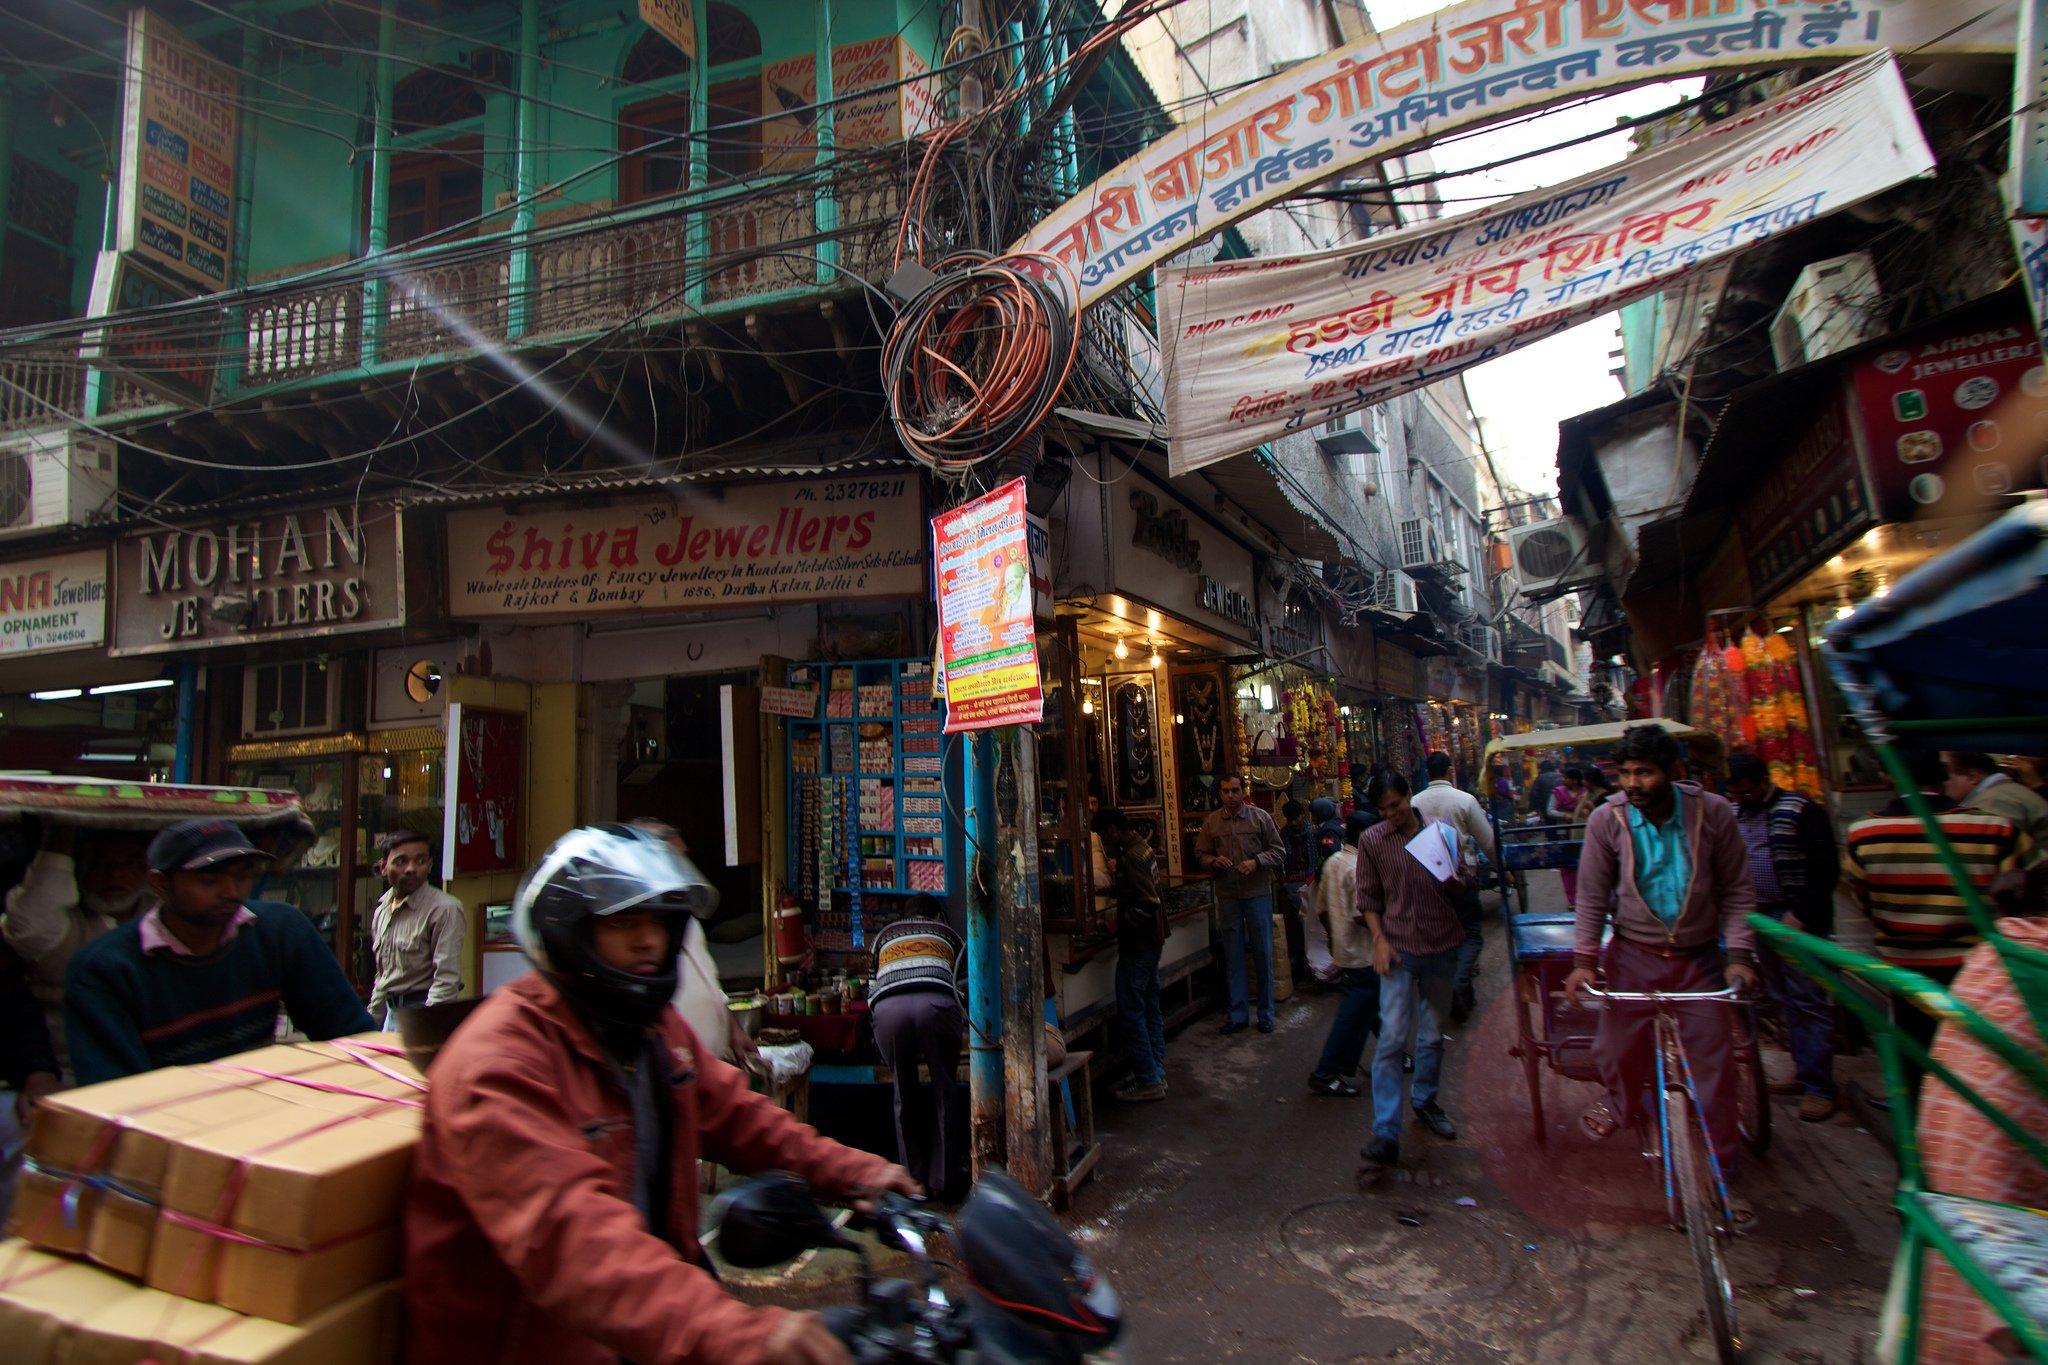 Delhi streets market